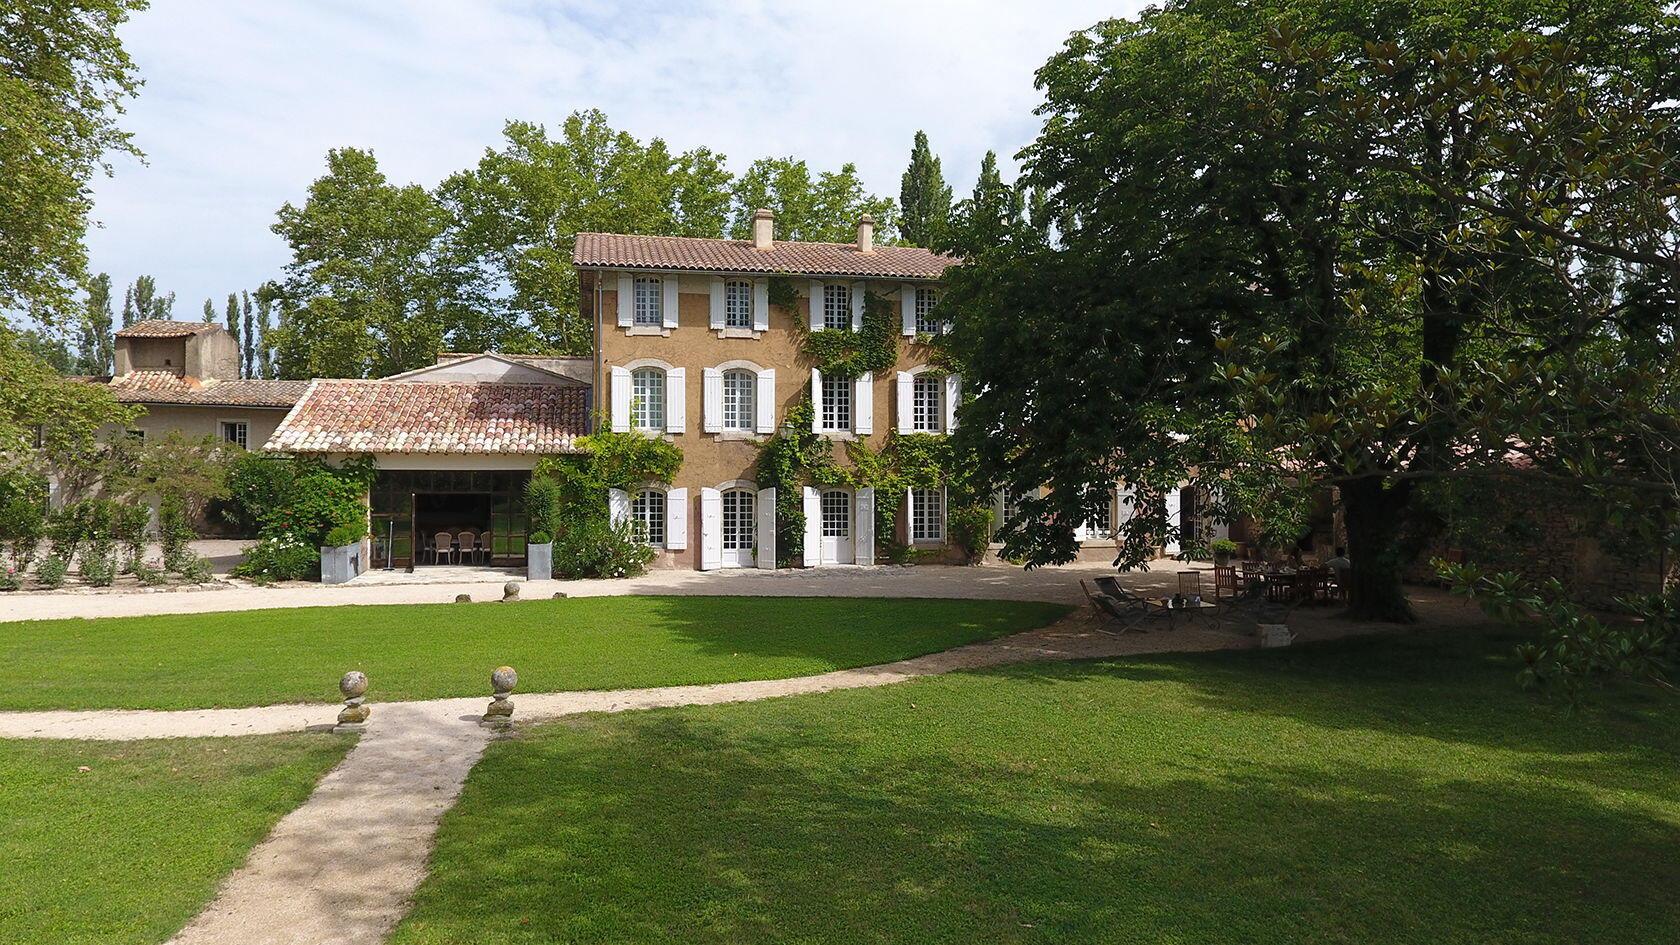 Domaine de Palerme Exterior